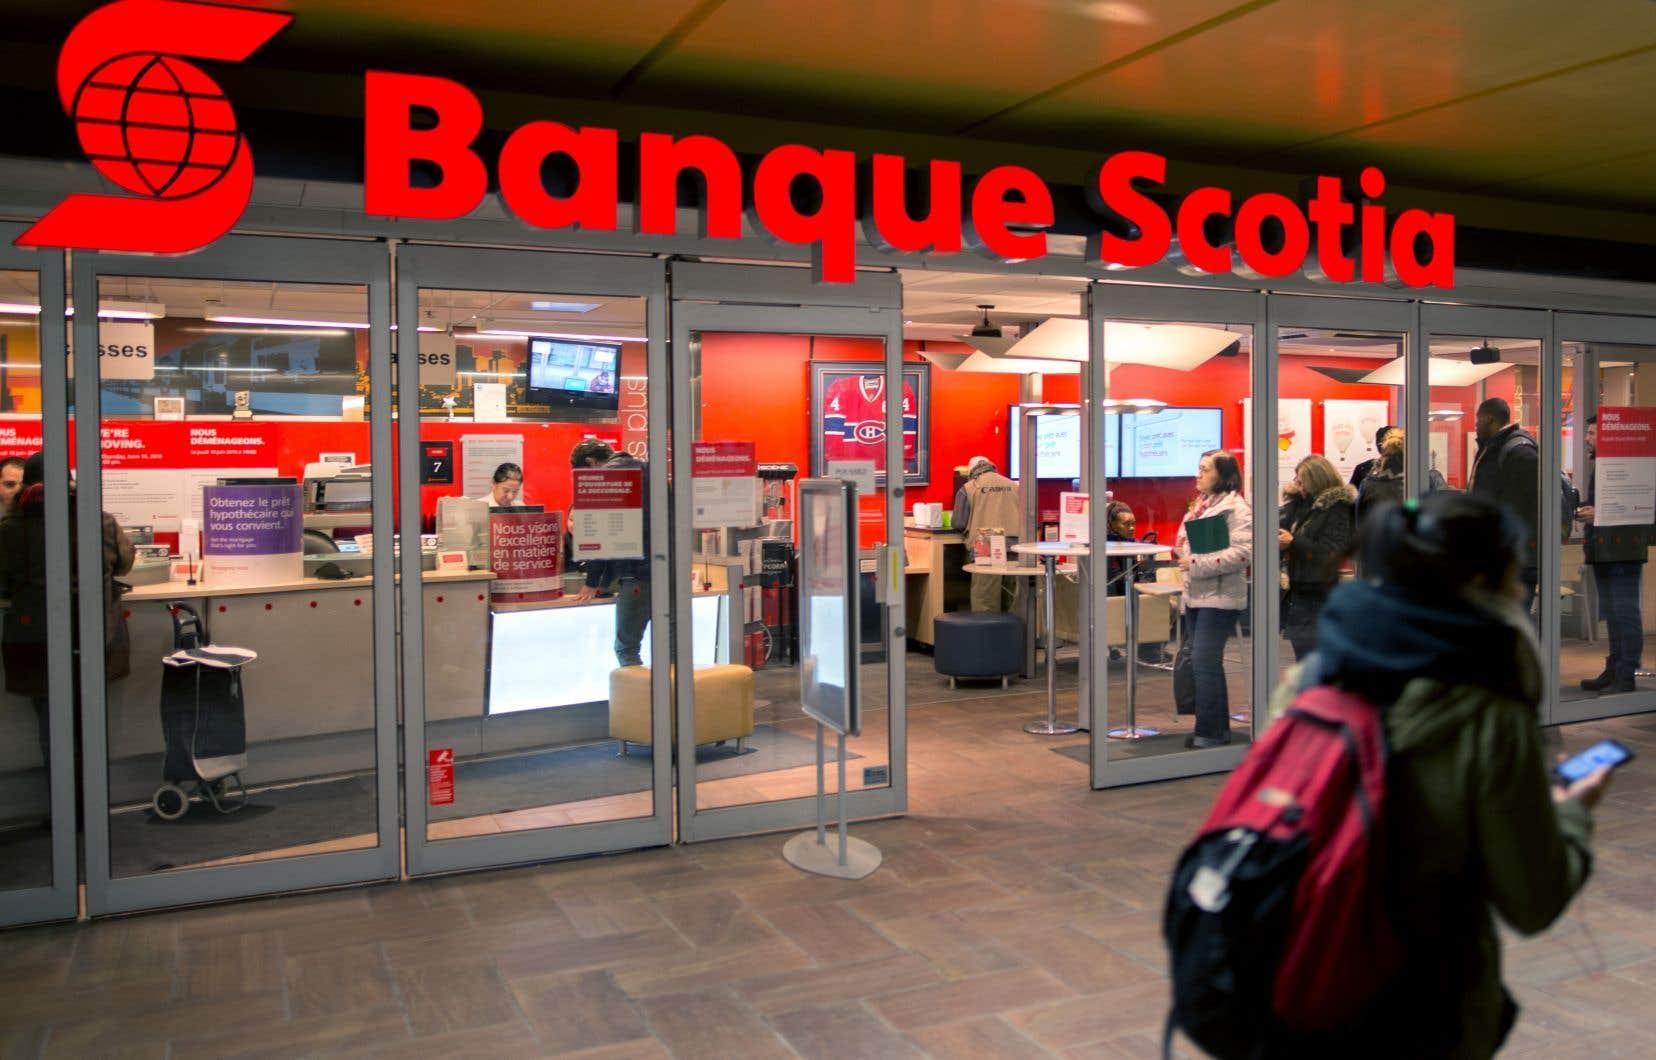 La Banque Scotia, la Banque Royale du Canada et la CIBC se sont engagées à ne plus acheter de publicité sur Facebook pour un mois.